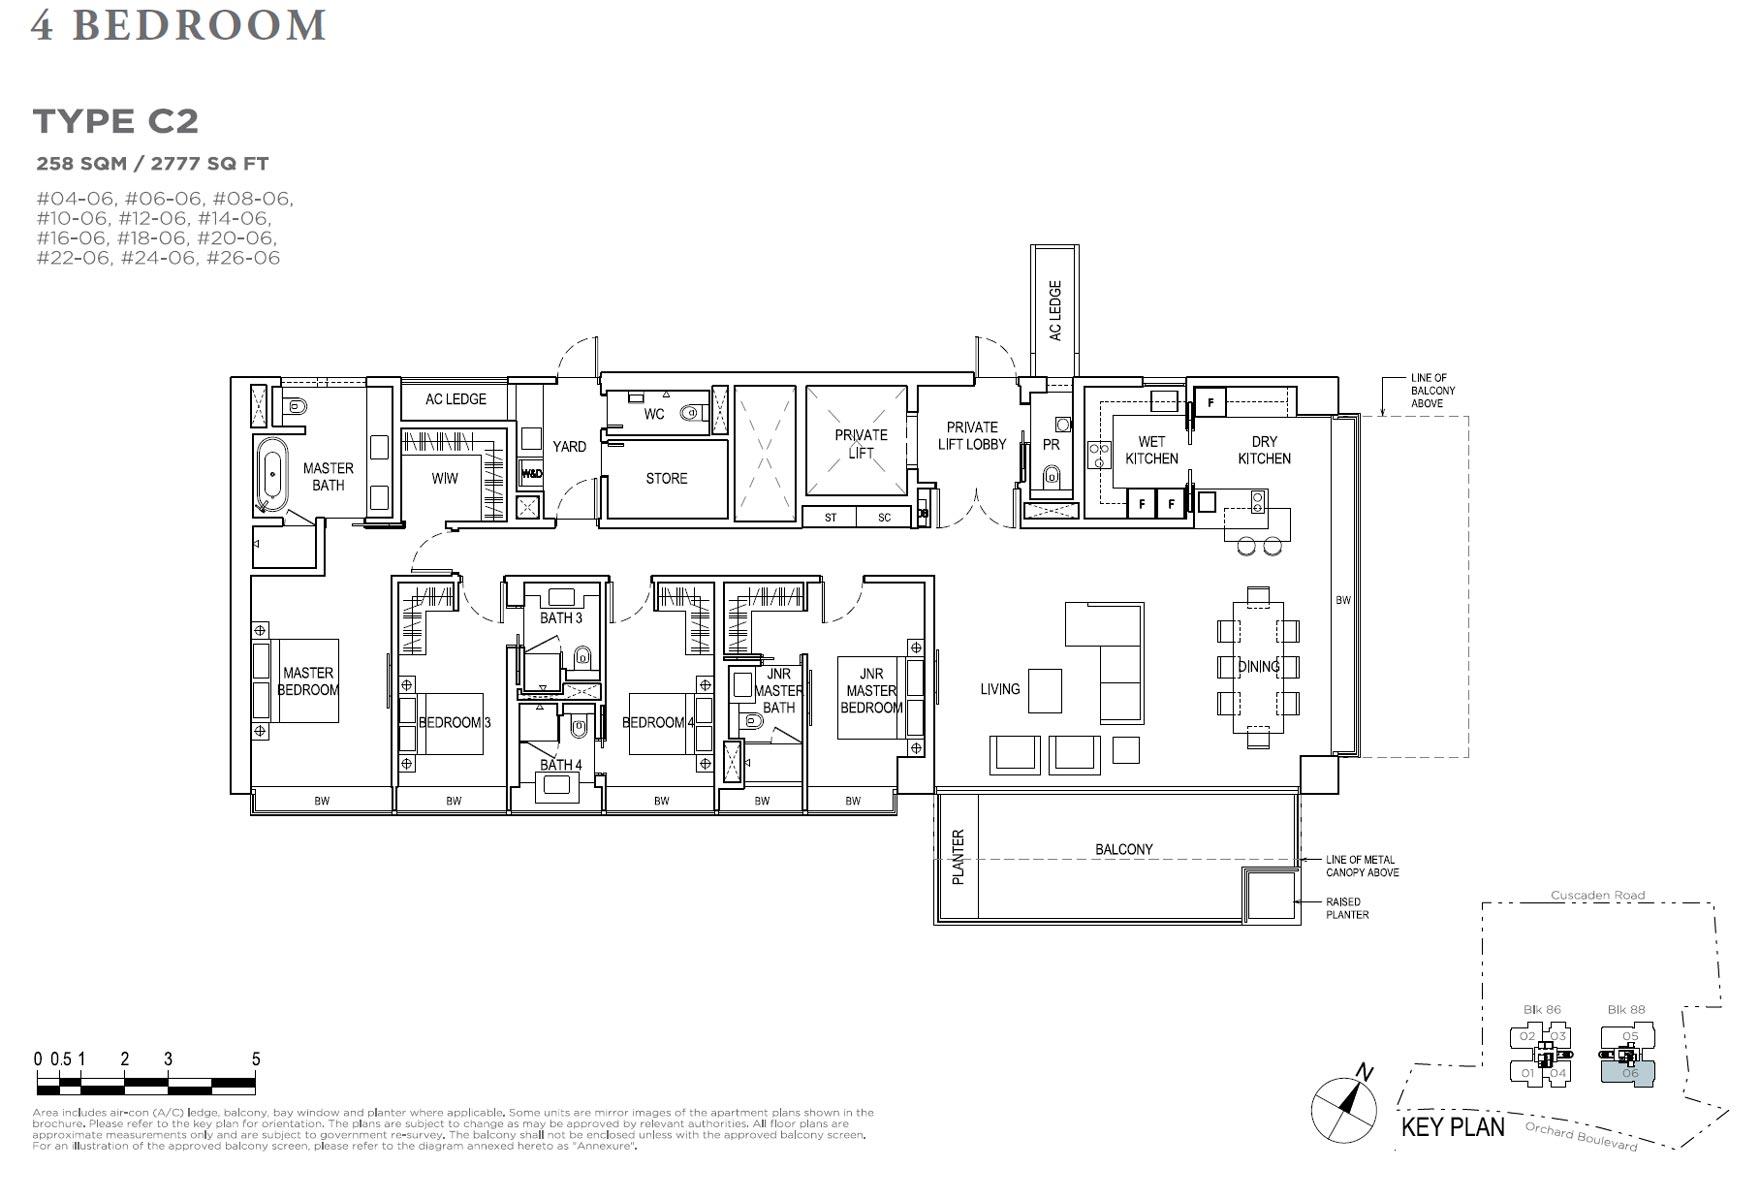 Boulevard 88 - 4 Bedroom C2